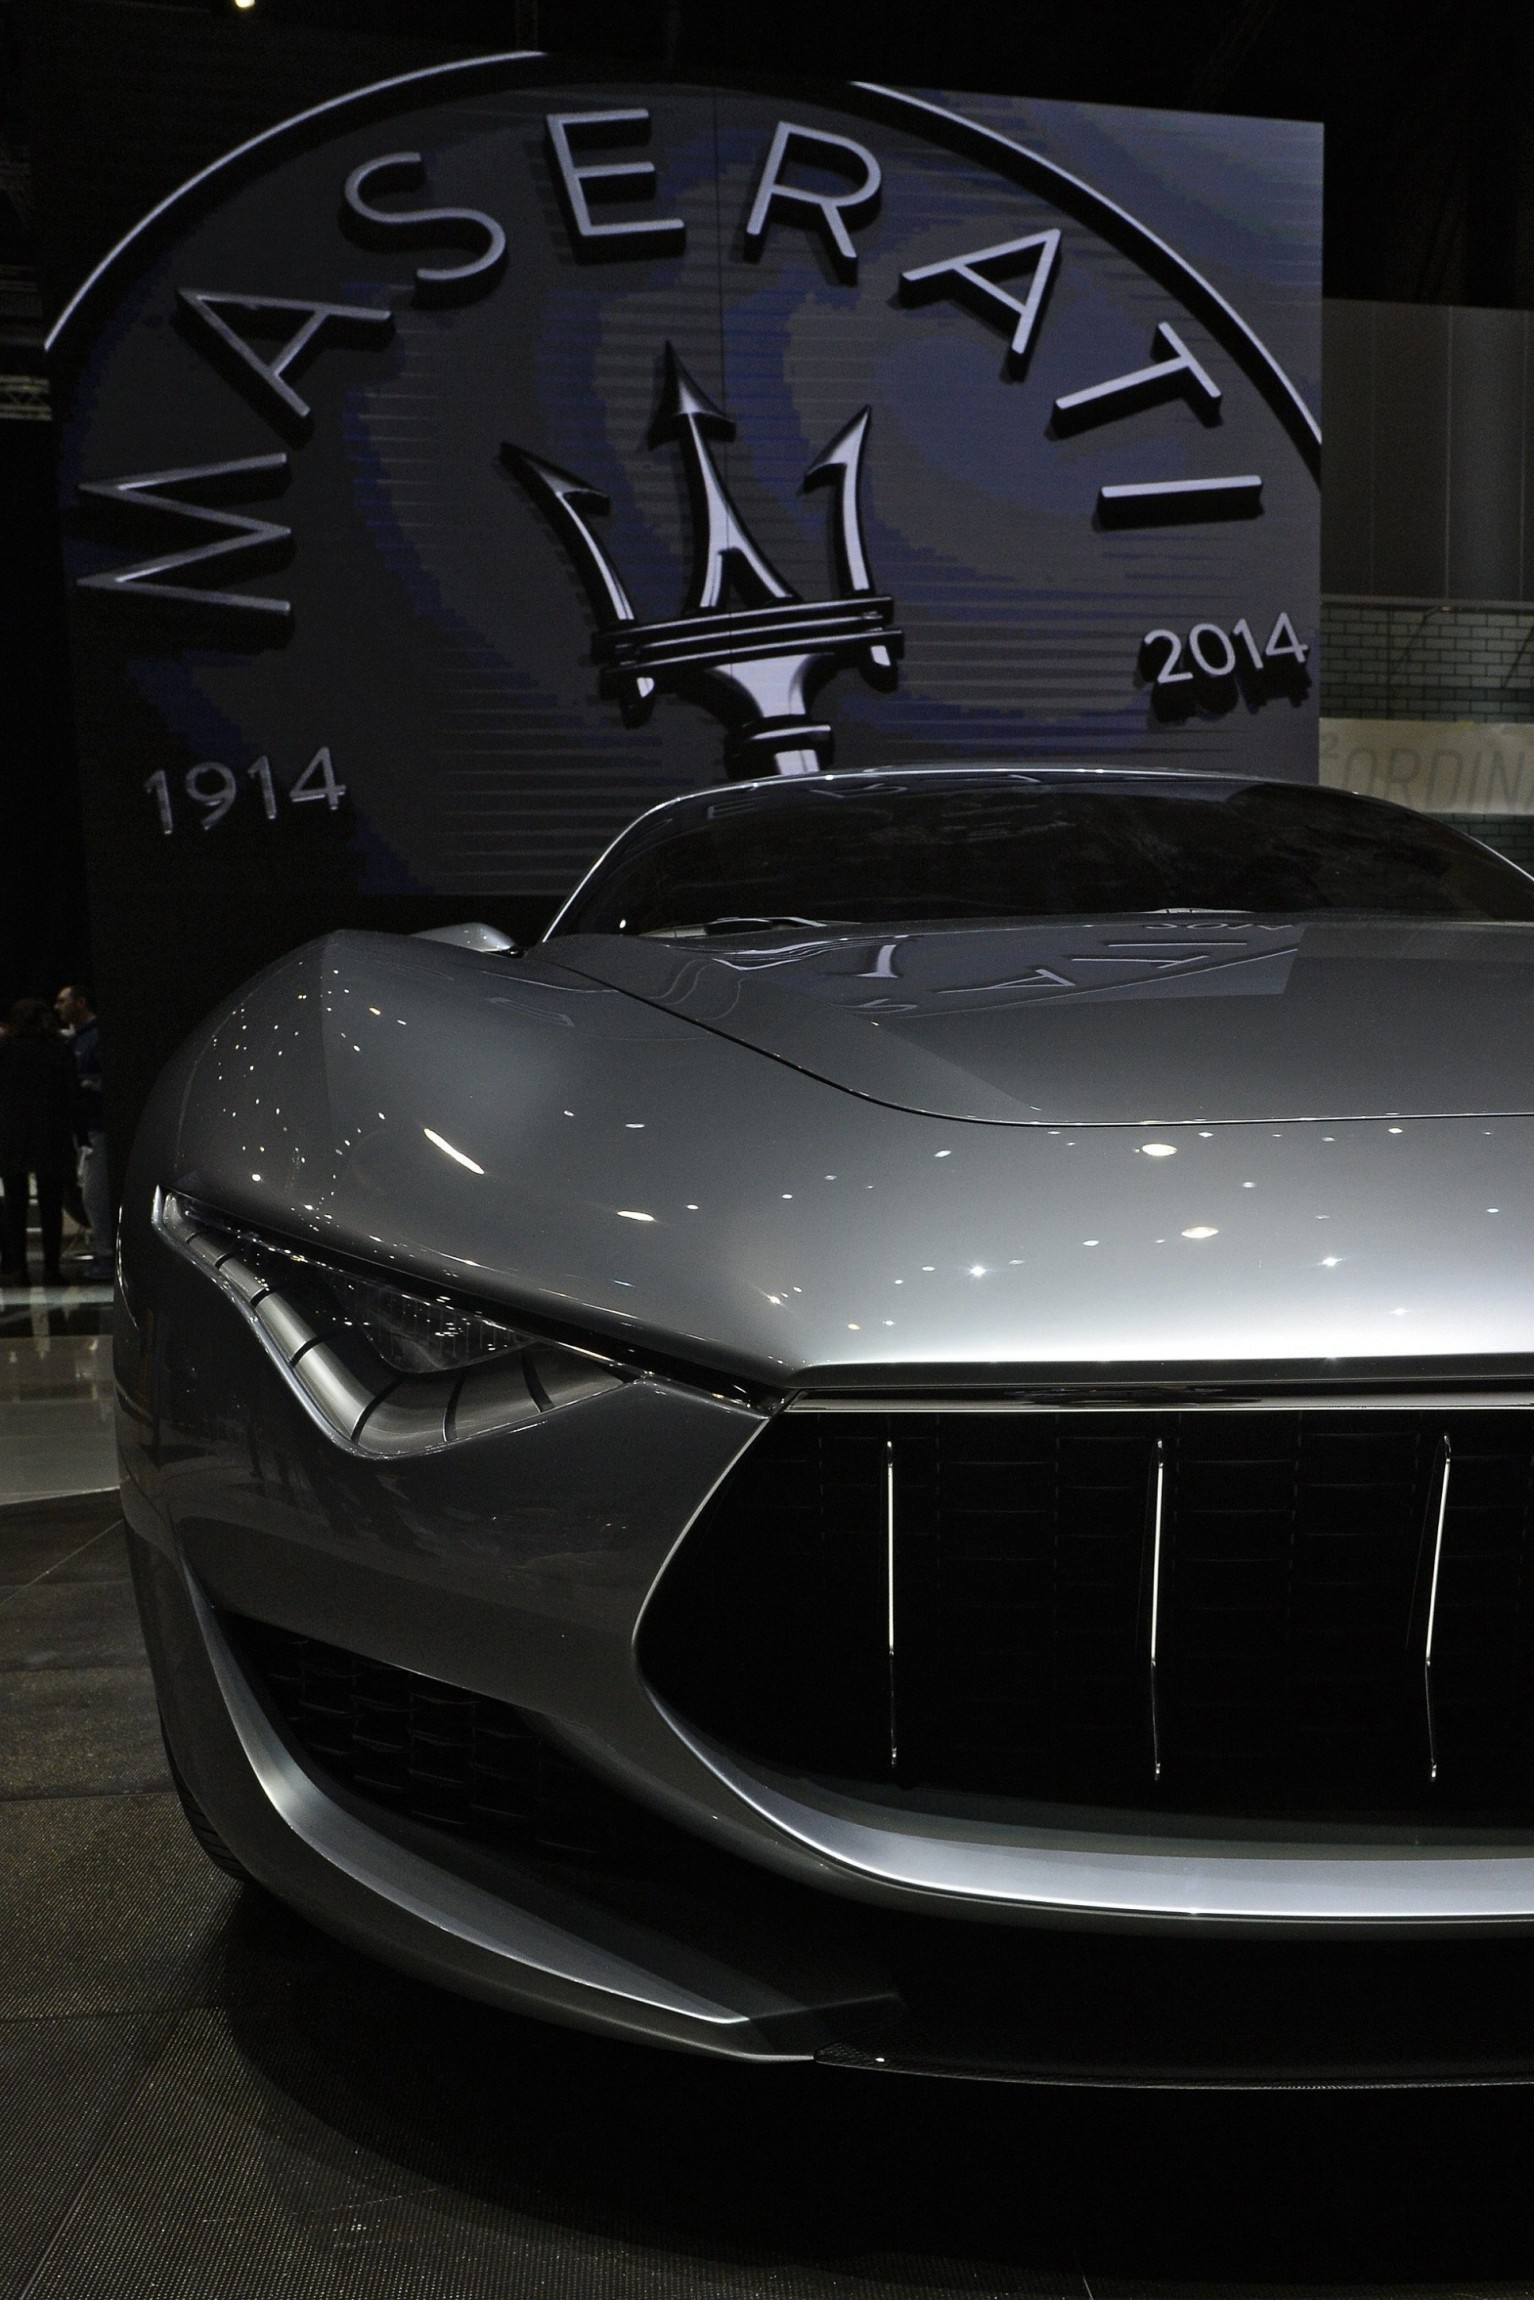 http://www.car-revs-daily.com/wp-content/uploads/Car-Revs-Daily.com-2014-Maserati-Alfieri-Concept-Close-up-High-Res-Details-in-82-New-Photos-14.jpg